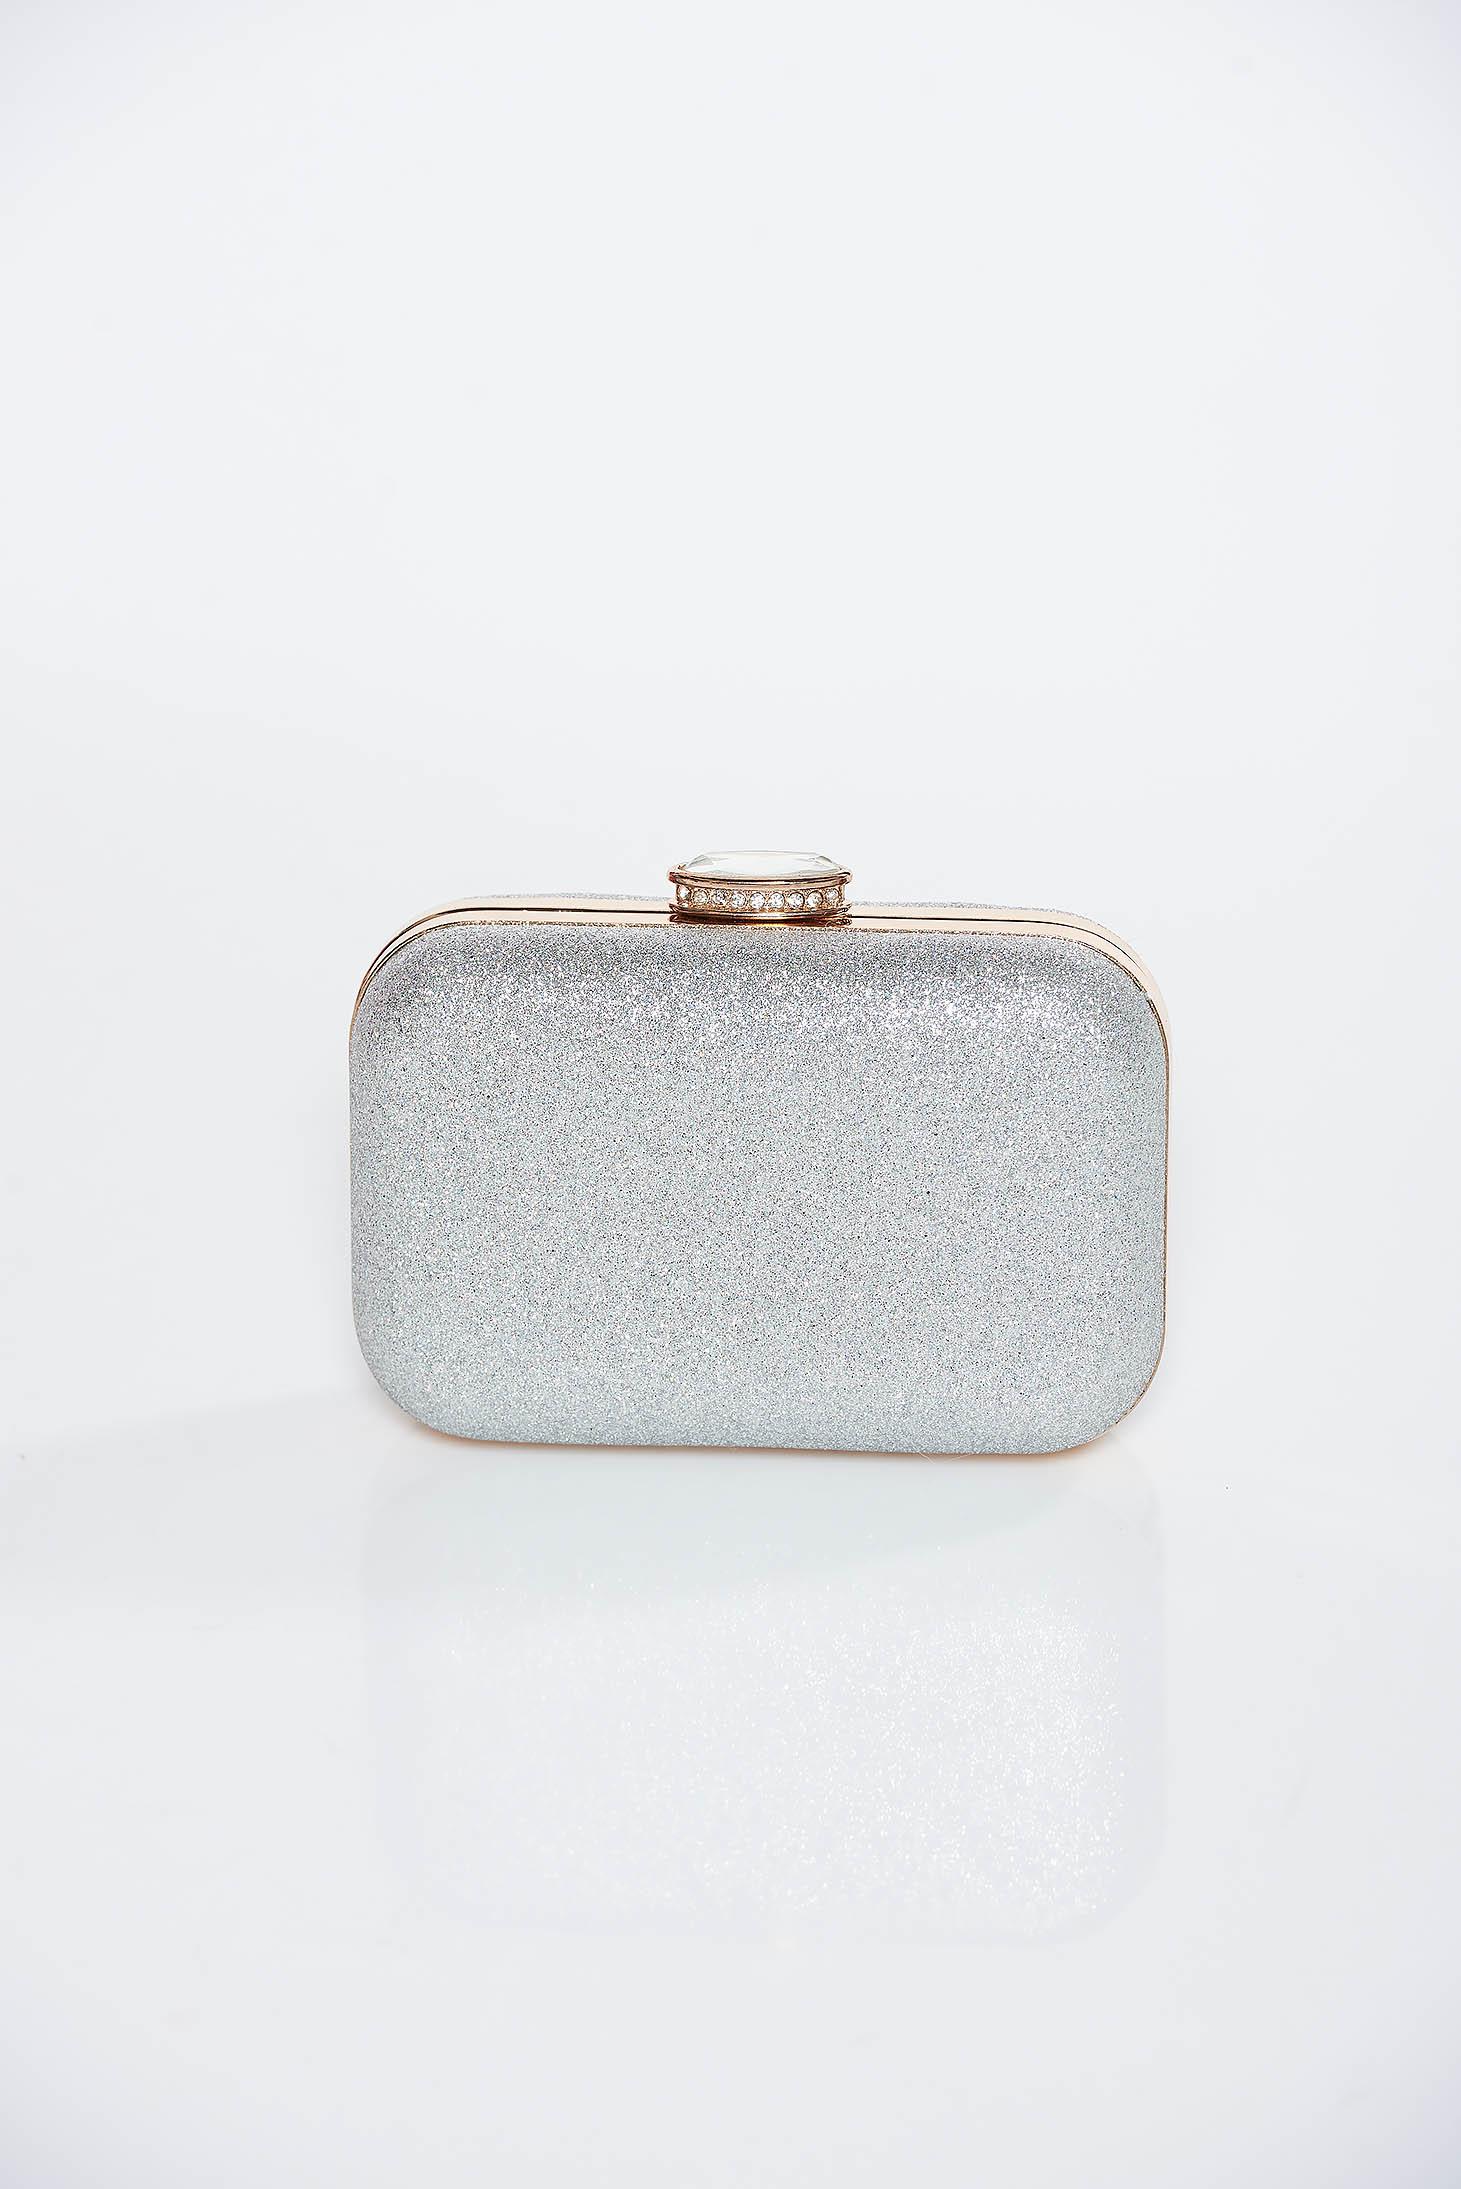 Ezüst alkalmi táska fémes jelleg hosszú lánc típusú pánt valamint rövid